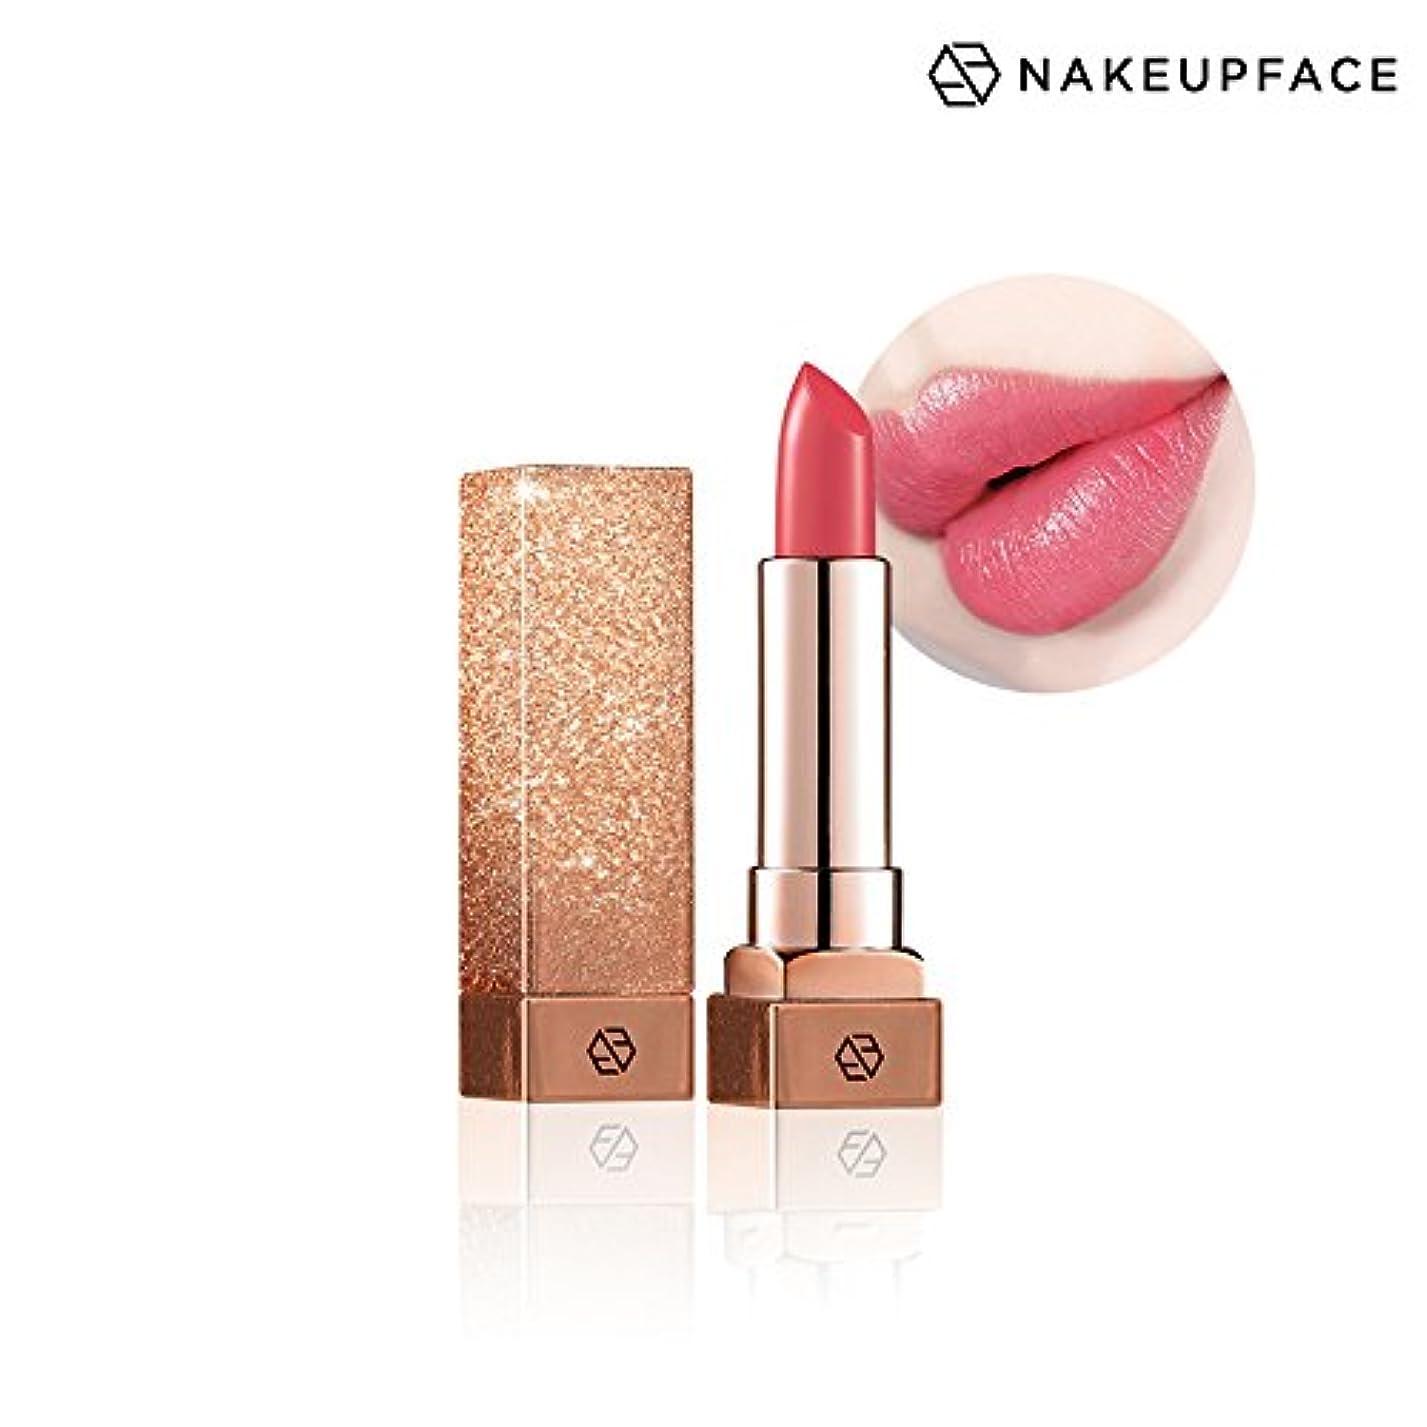 リップ付与革命的ネイクアップ フェイス [NAKE UP FACE] C-カップ リップトックス スティック(リップスティック) 5 Colors (No.02 Marilyn)